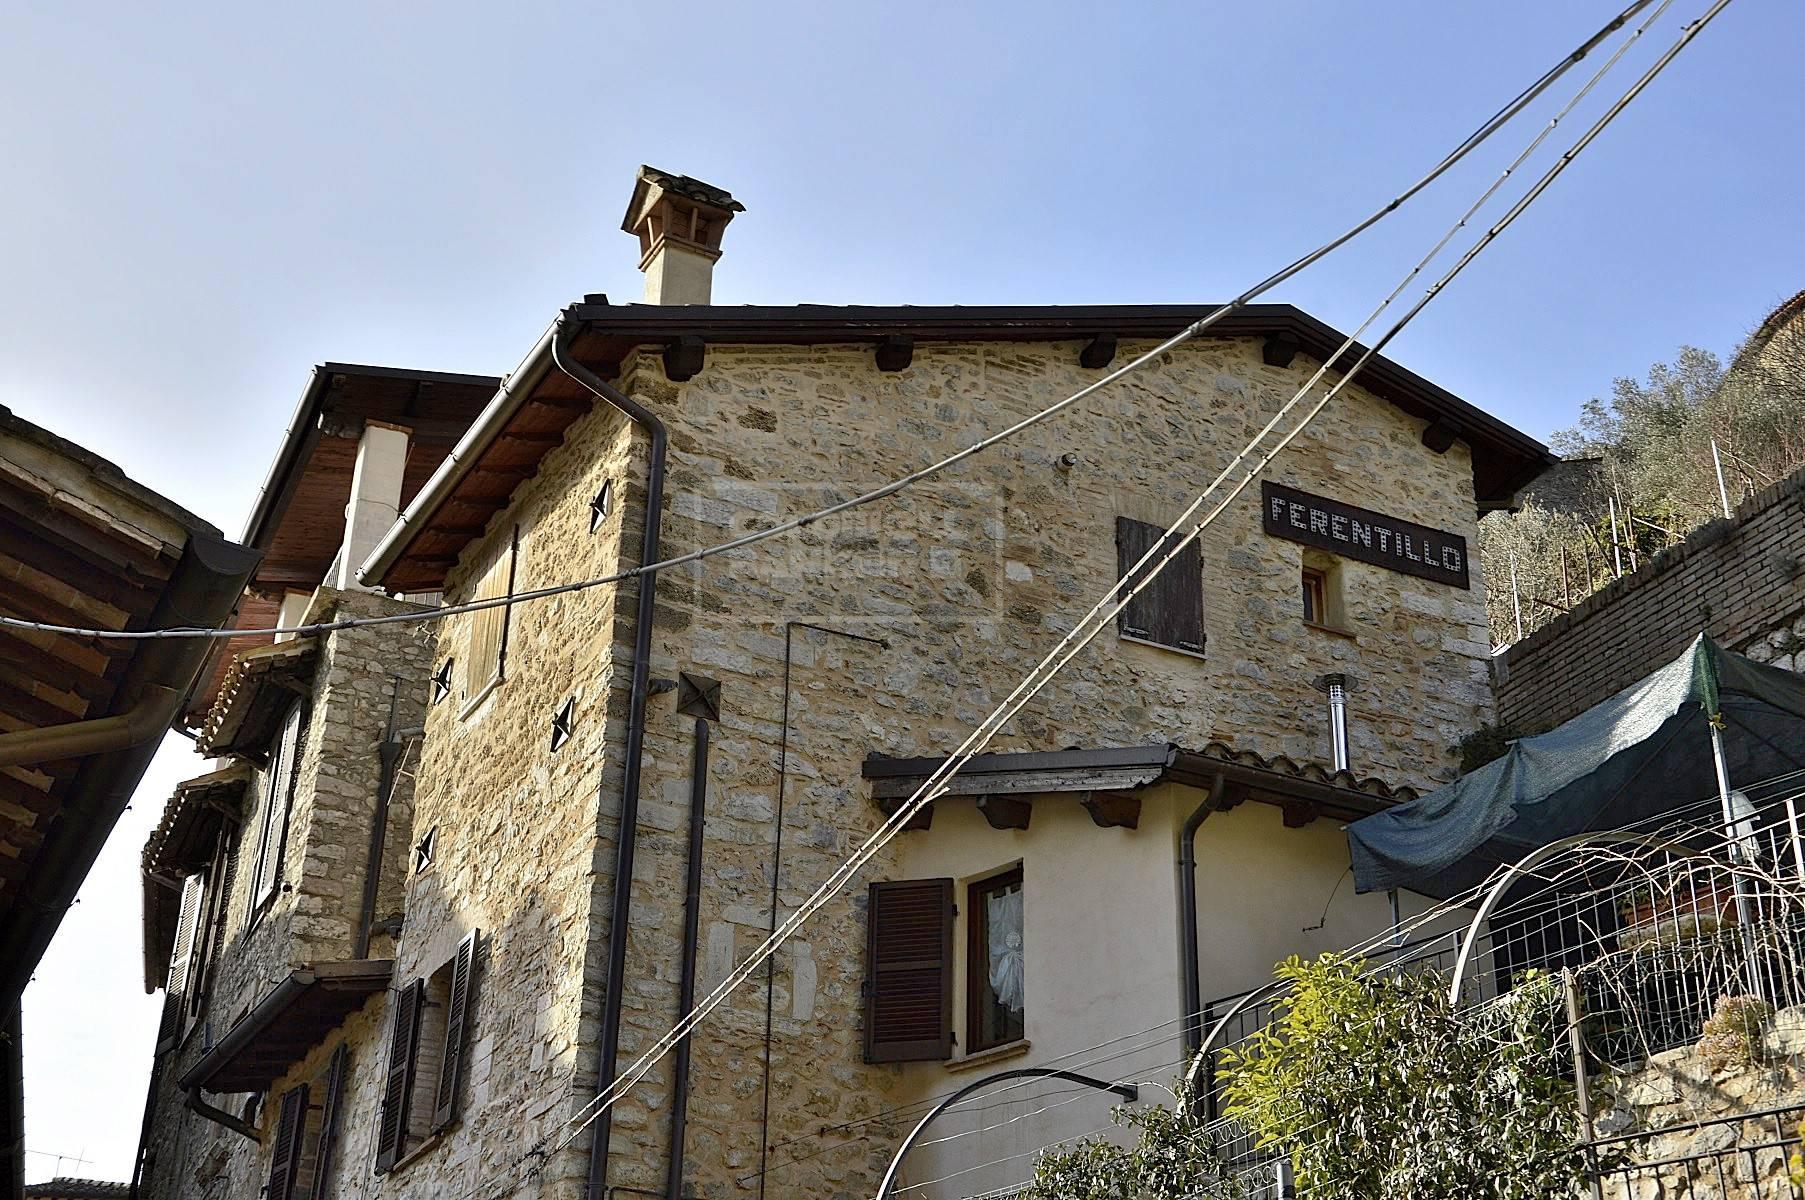 Rustico / Casale in vendita a Ferentillo, 2 locali, prezzo € 35.000 | CambioCasa.it